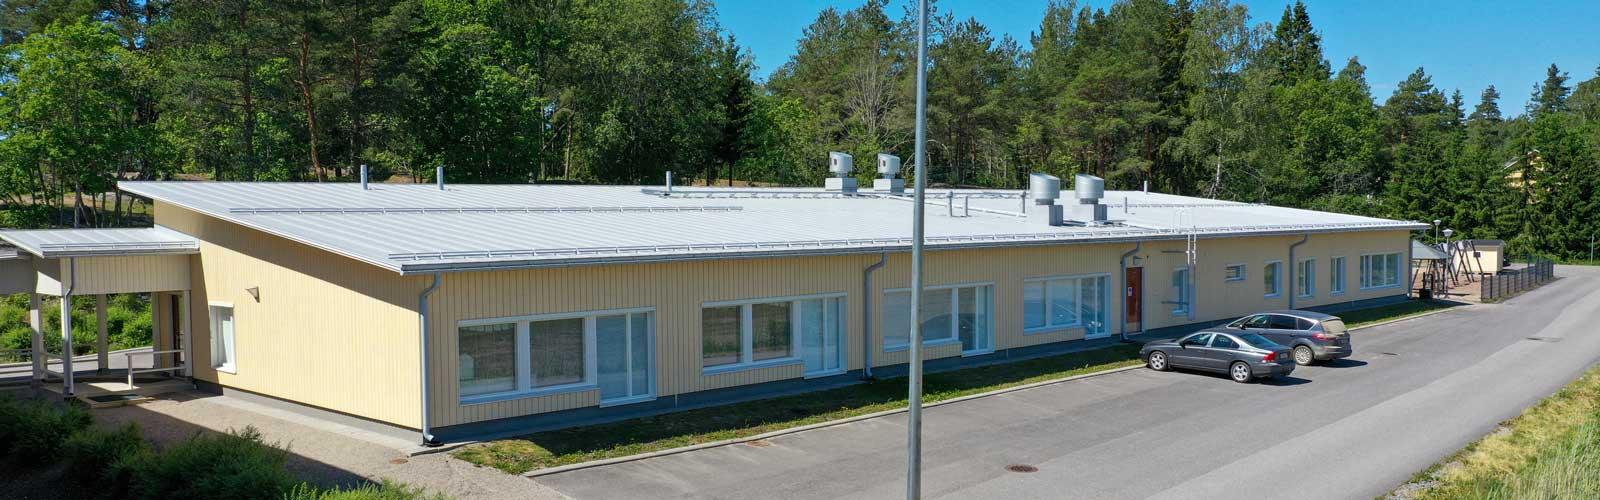 Sauvon koulukeskuksen laajennusosa moduulirakennus moduulikoulu koulurakentaminen..